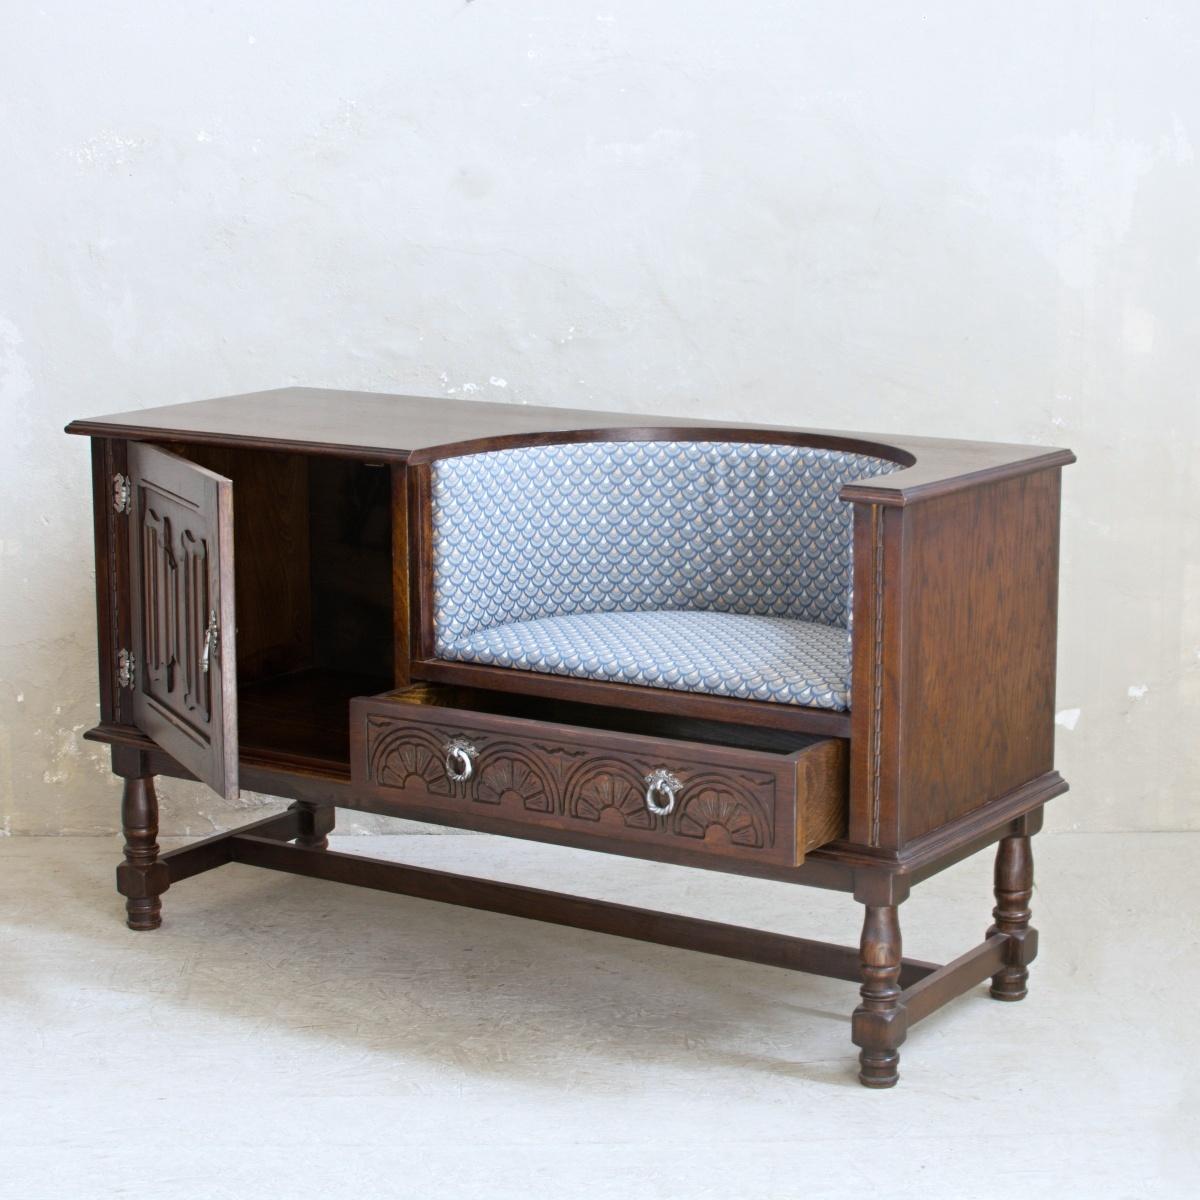 Prodej zrenovovaného nábytku Kralupy anglický botník